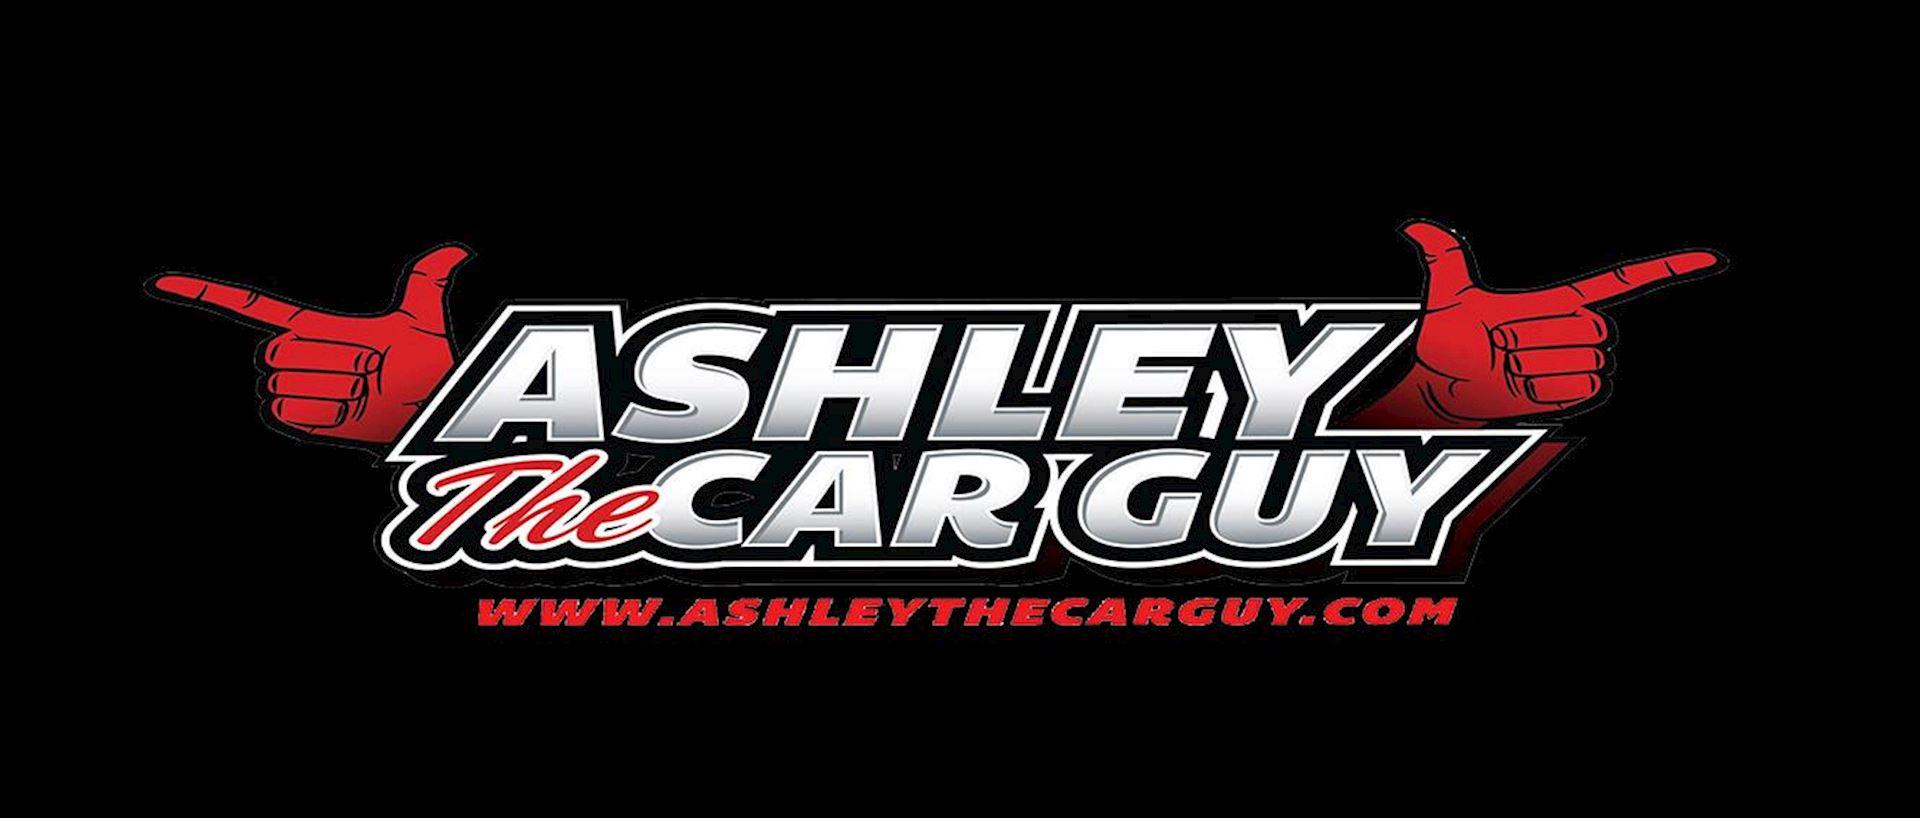 Ashley the Car Guy